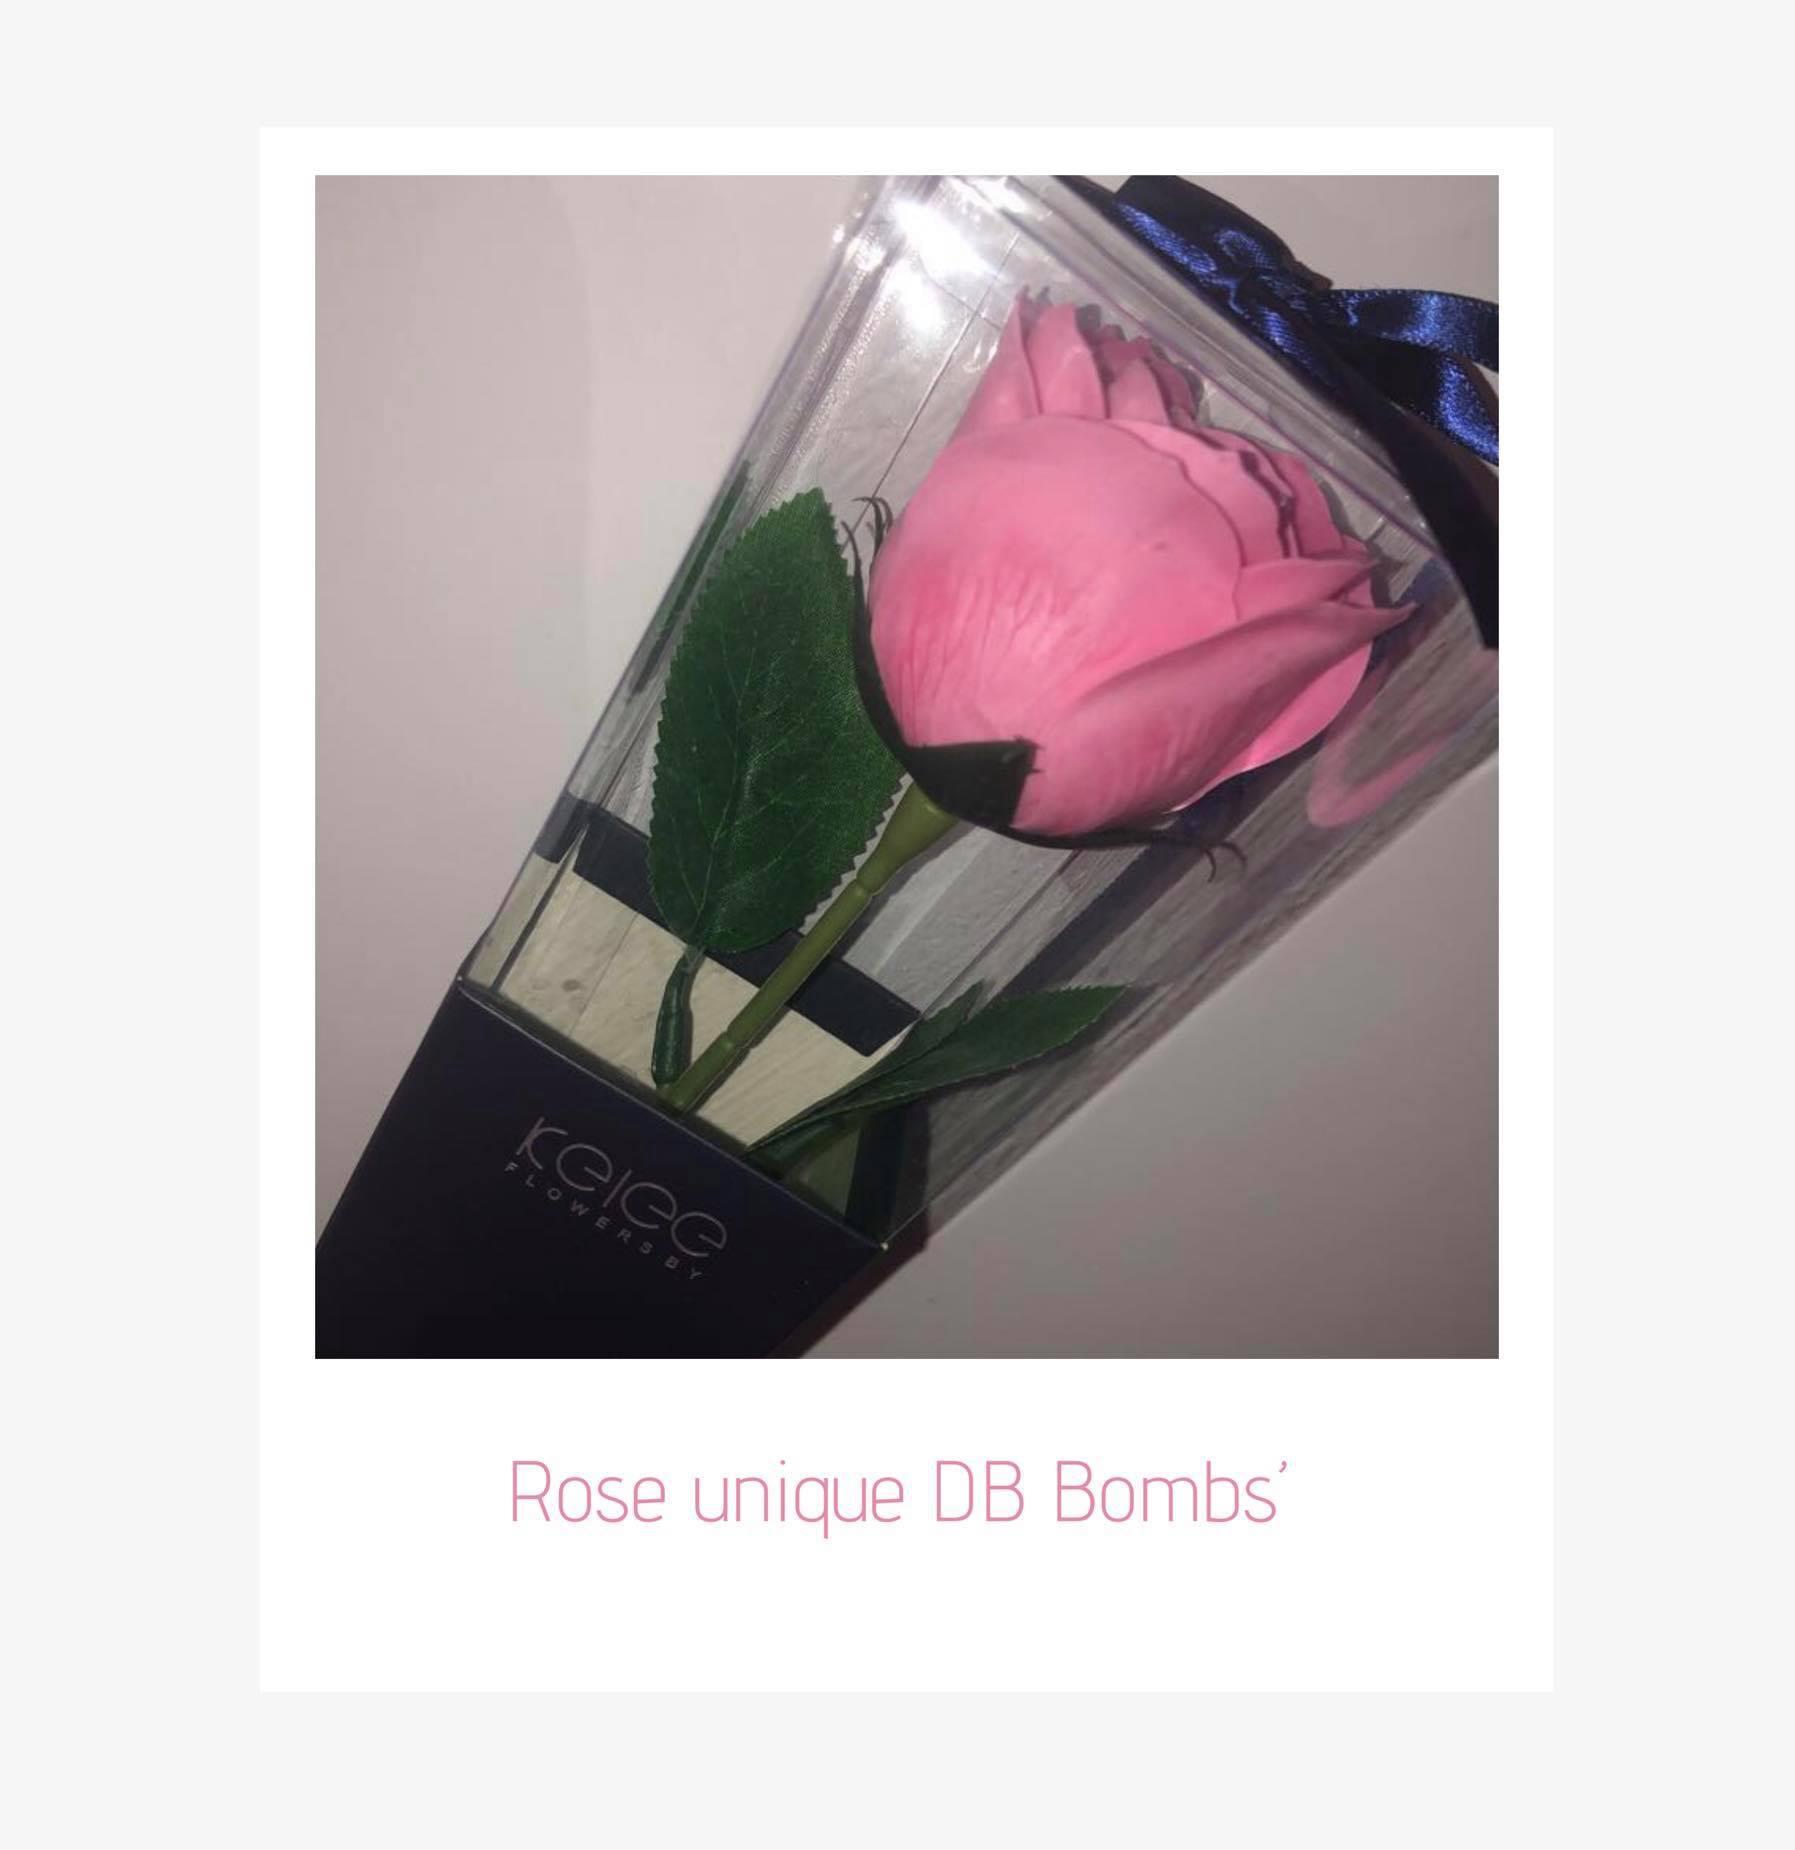 Rose unique rose photo 1